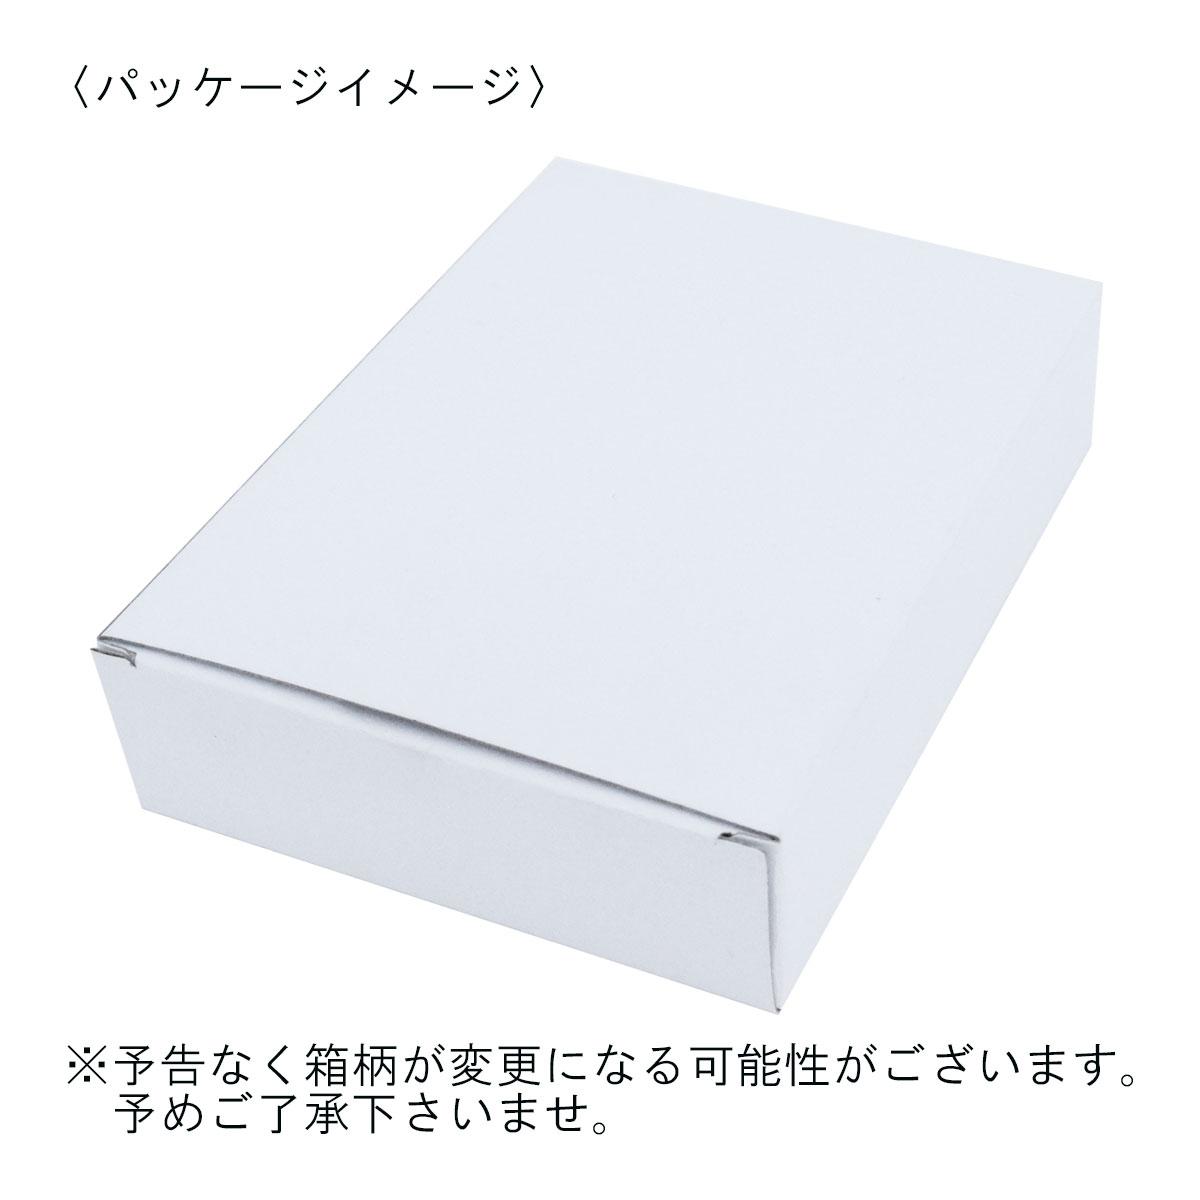 2フェイスメモボックス メモ用紙150枚入